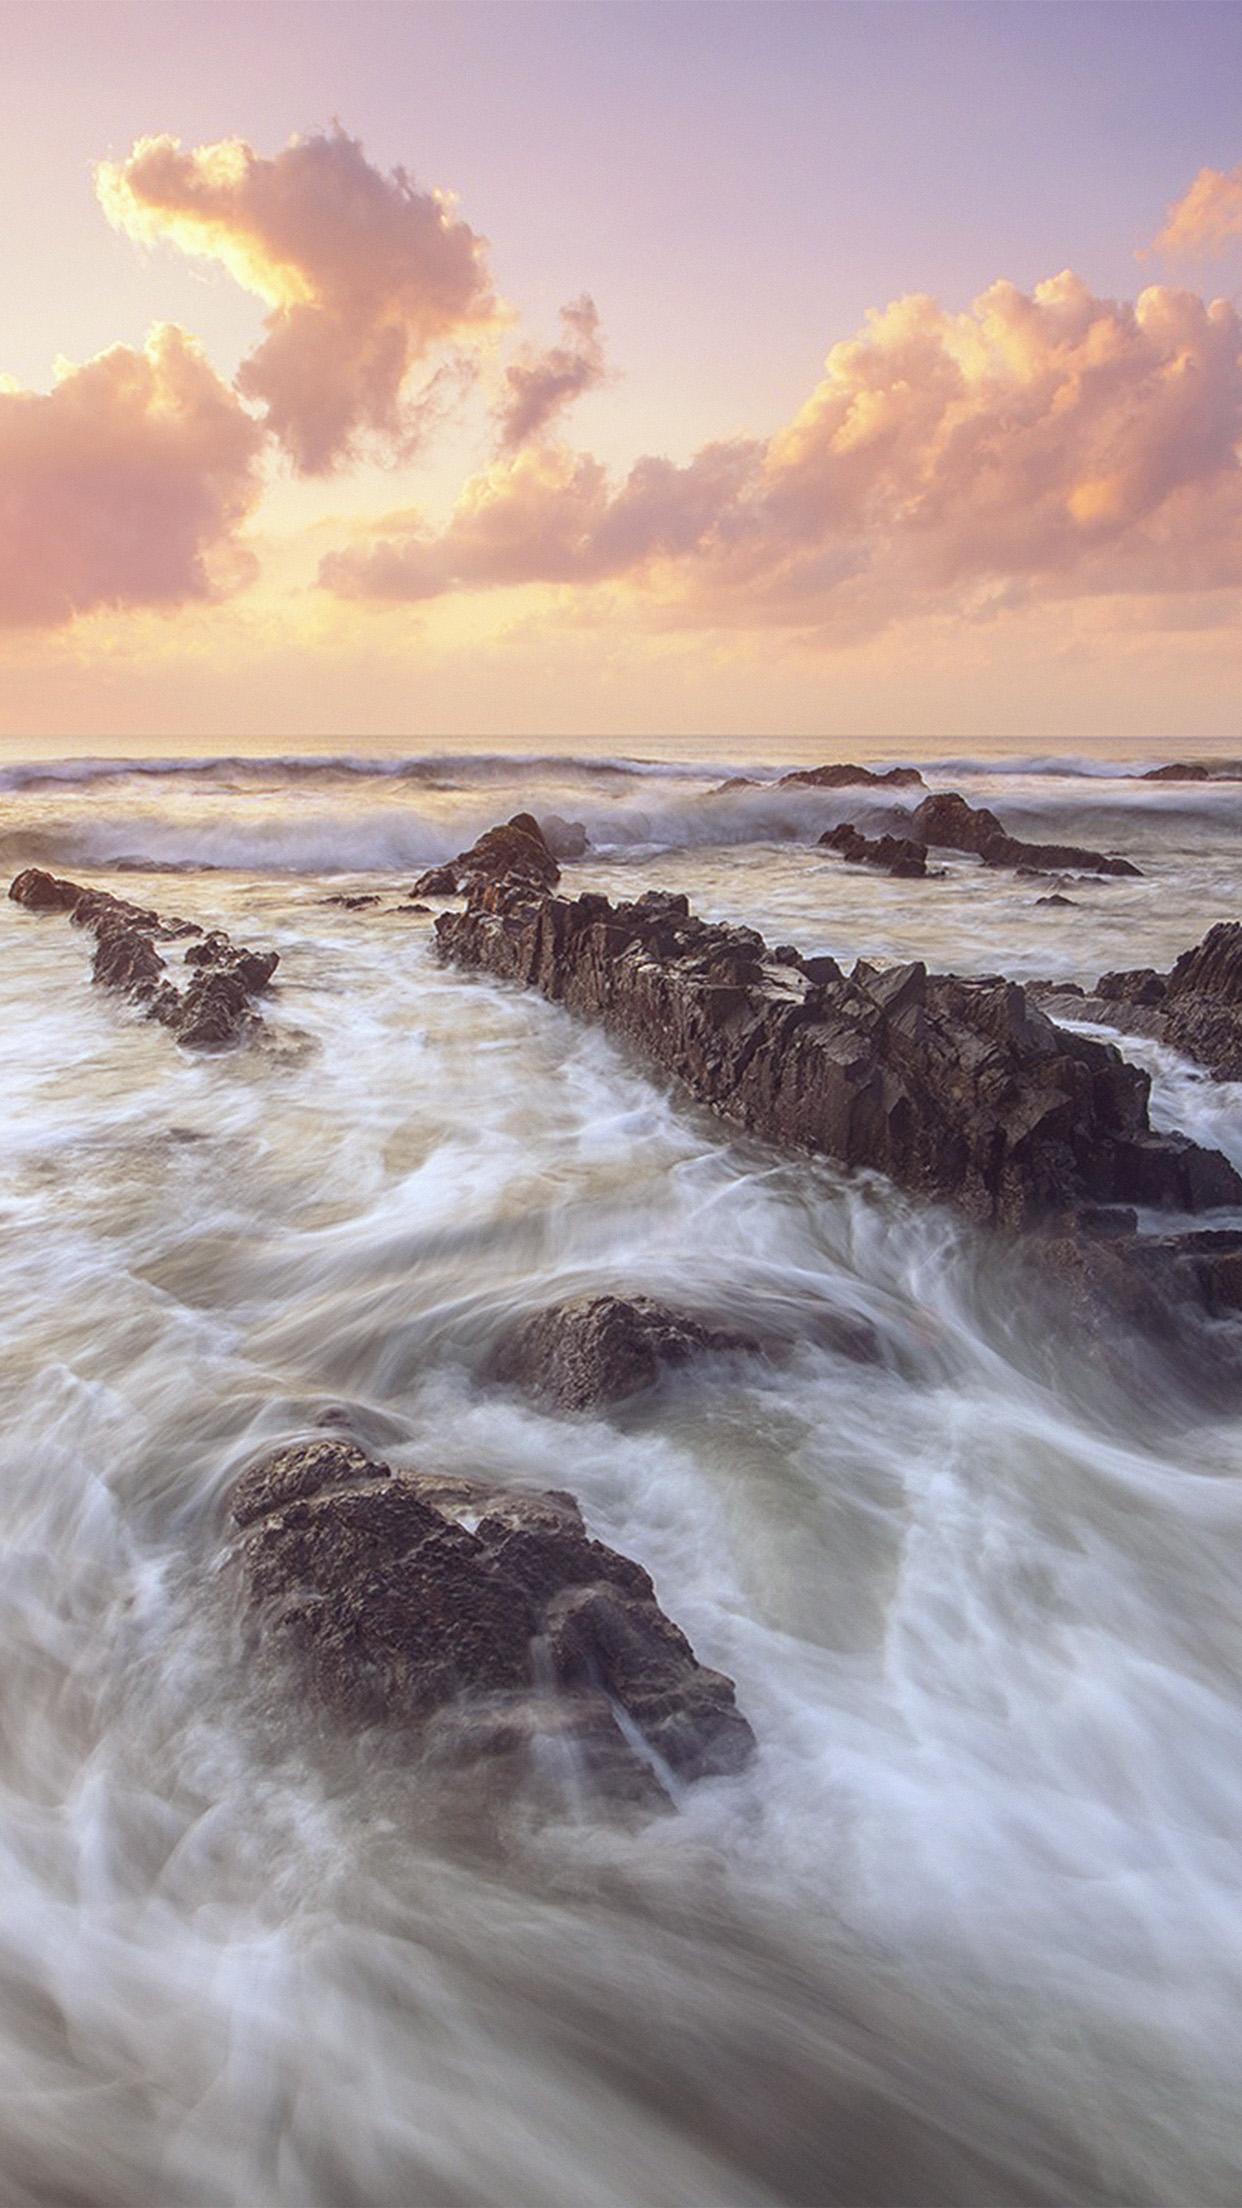 Iphone6paperscom Iphone 6 Wallpaper Nf13 Sea Ocean